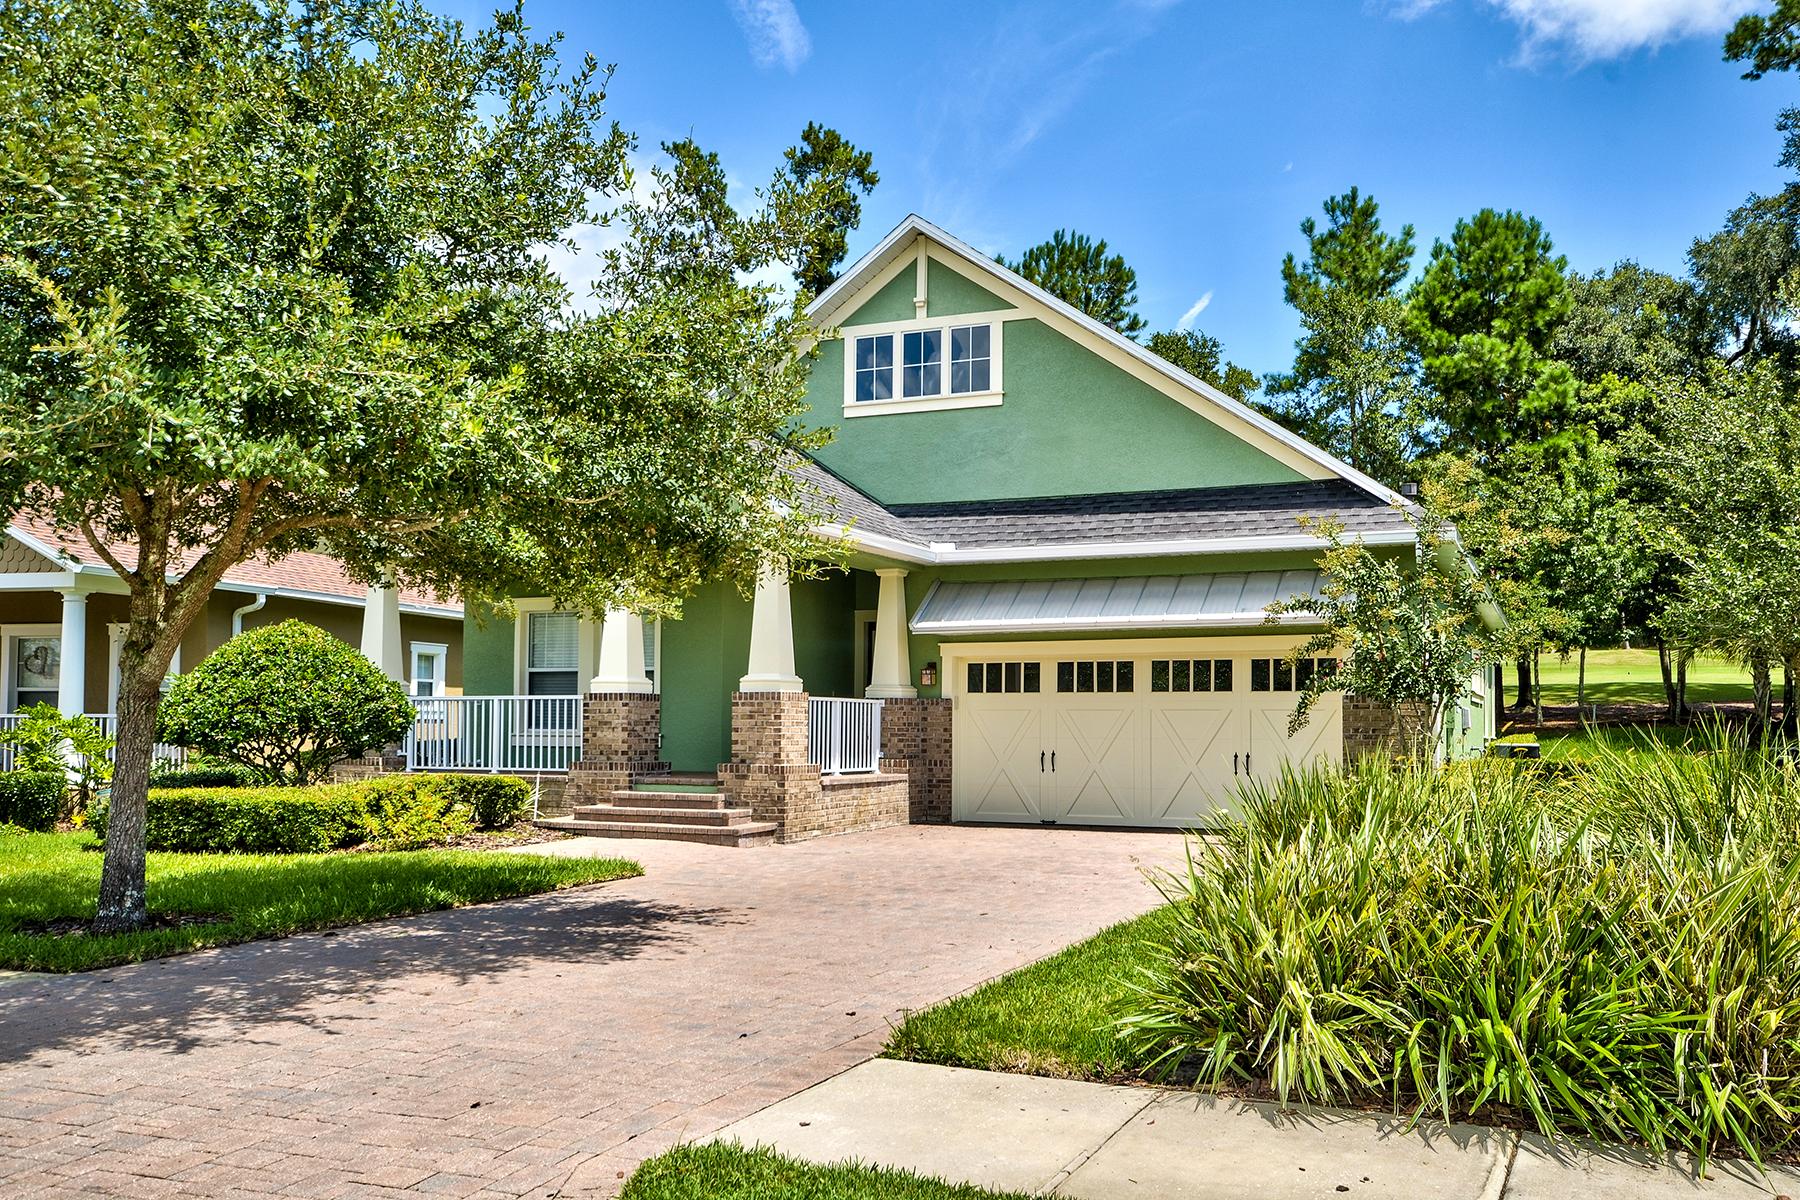 Casa Unifamiliar por un Venta en BROOKSVILLE 19537 Lily Pond Ct Brooksville, Florida 34601 Estados Unidos